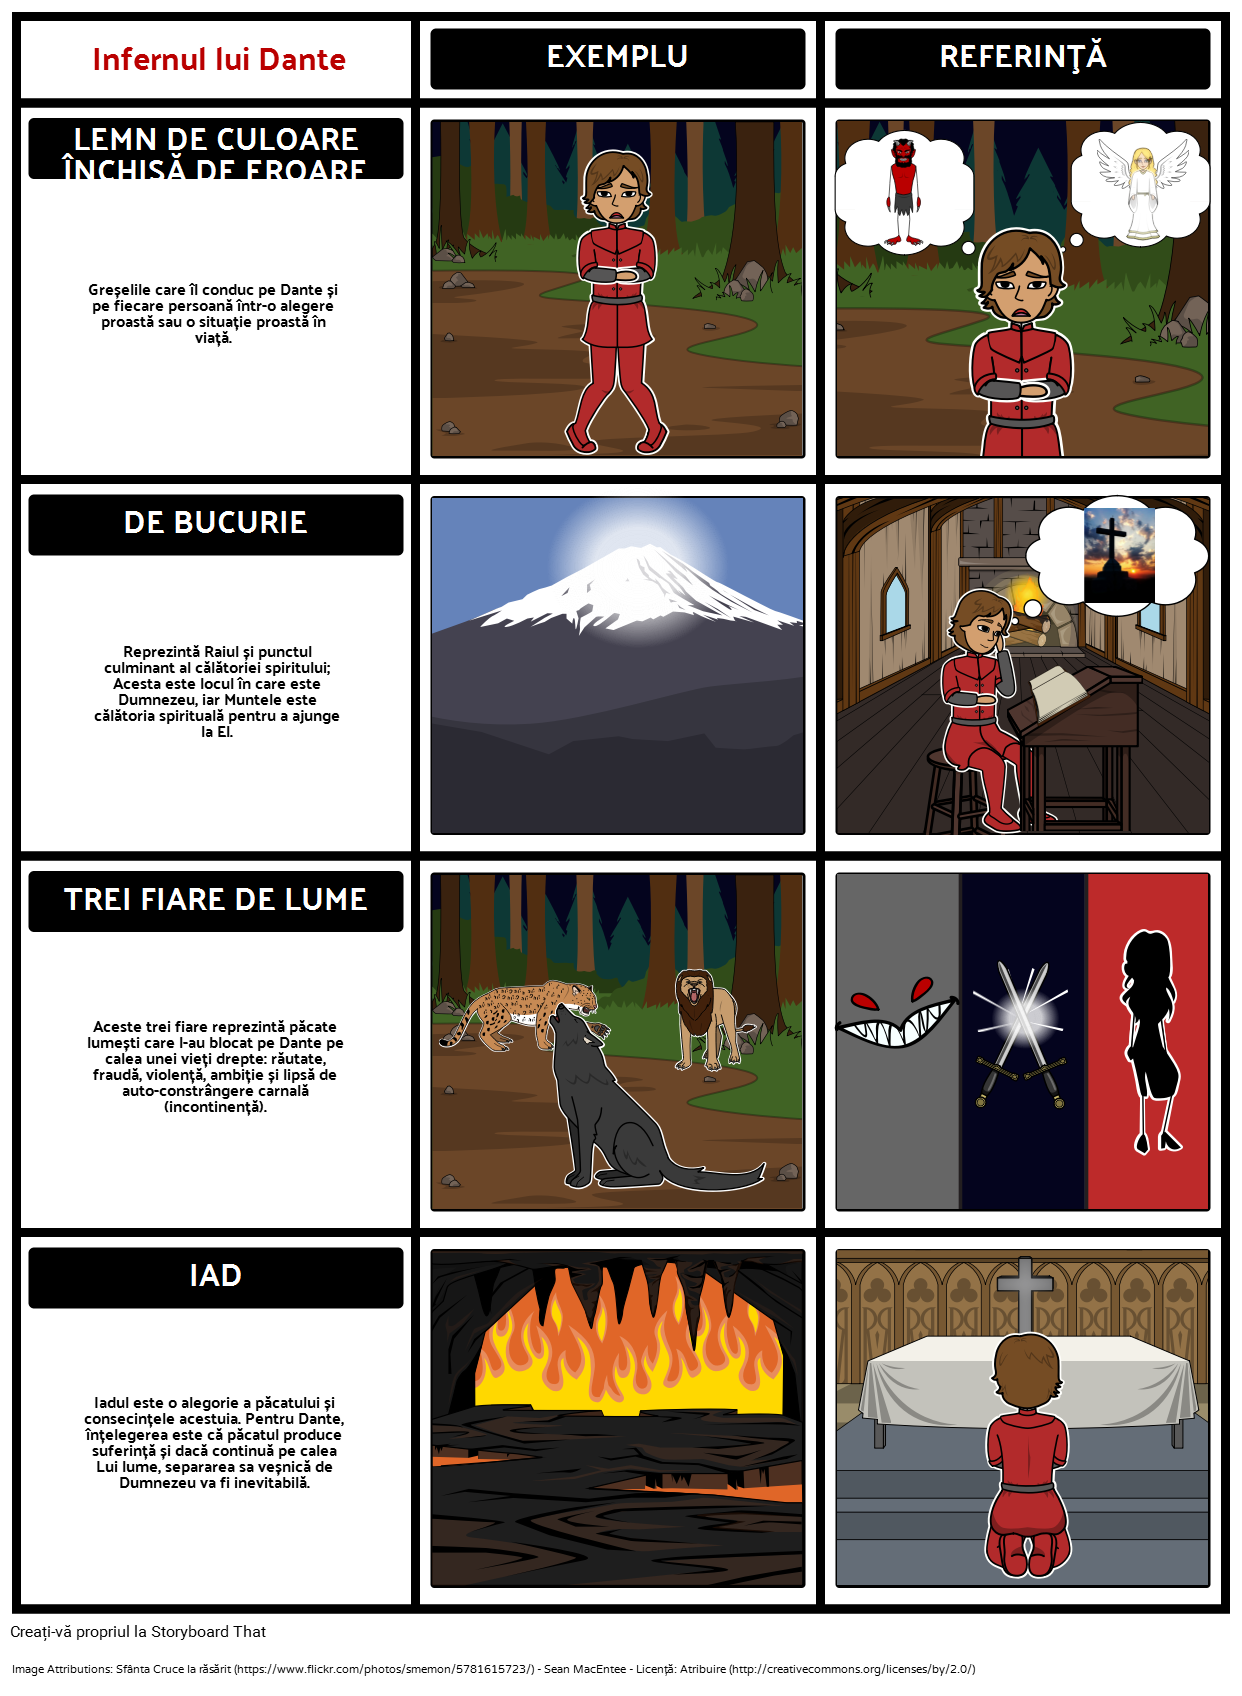 Lui Dante Inferno - Alegorie Recunoașterea